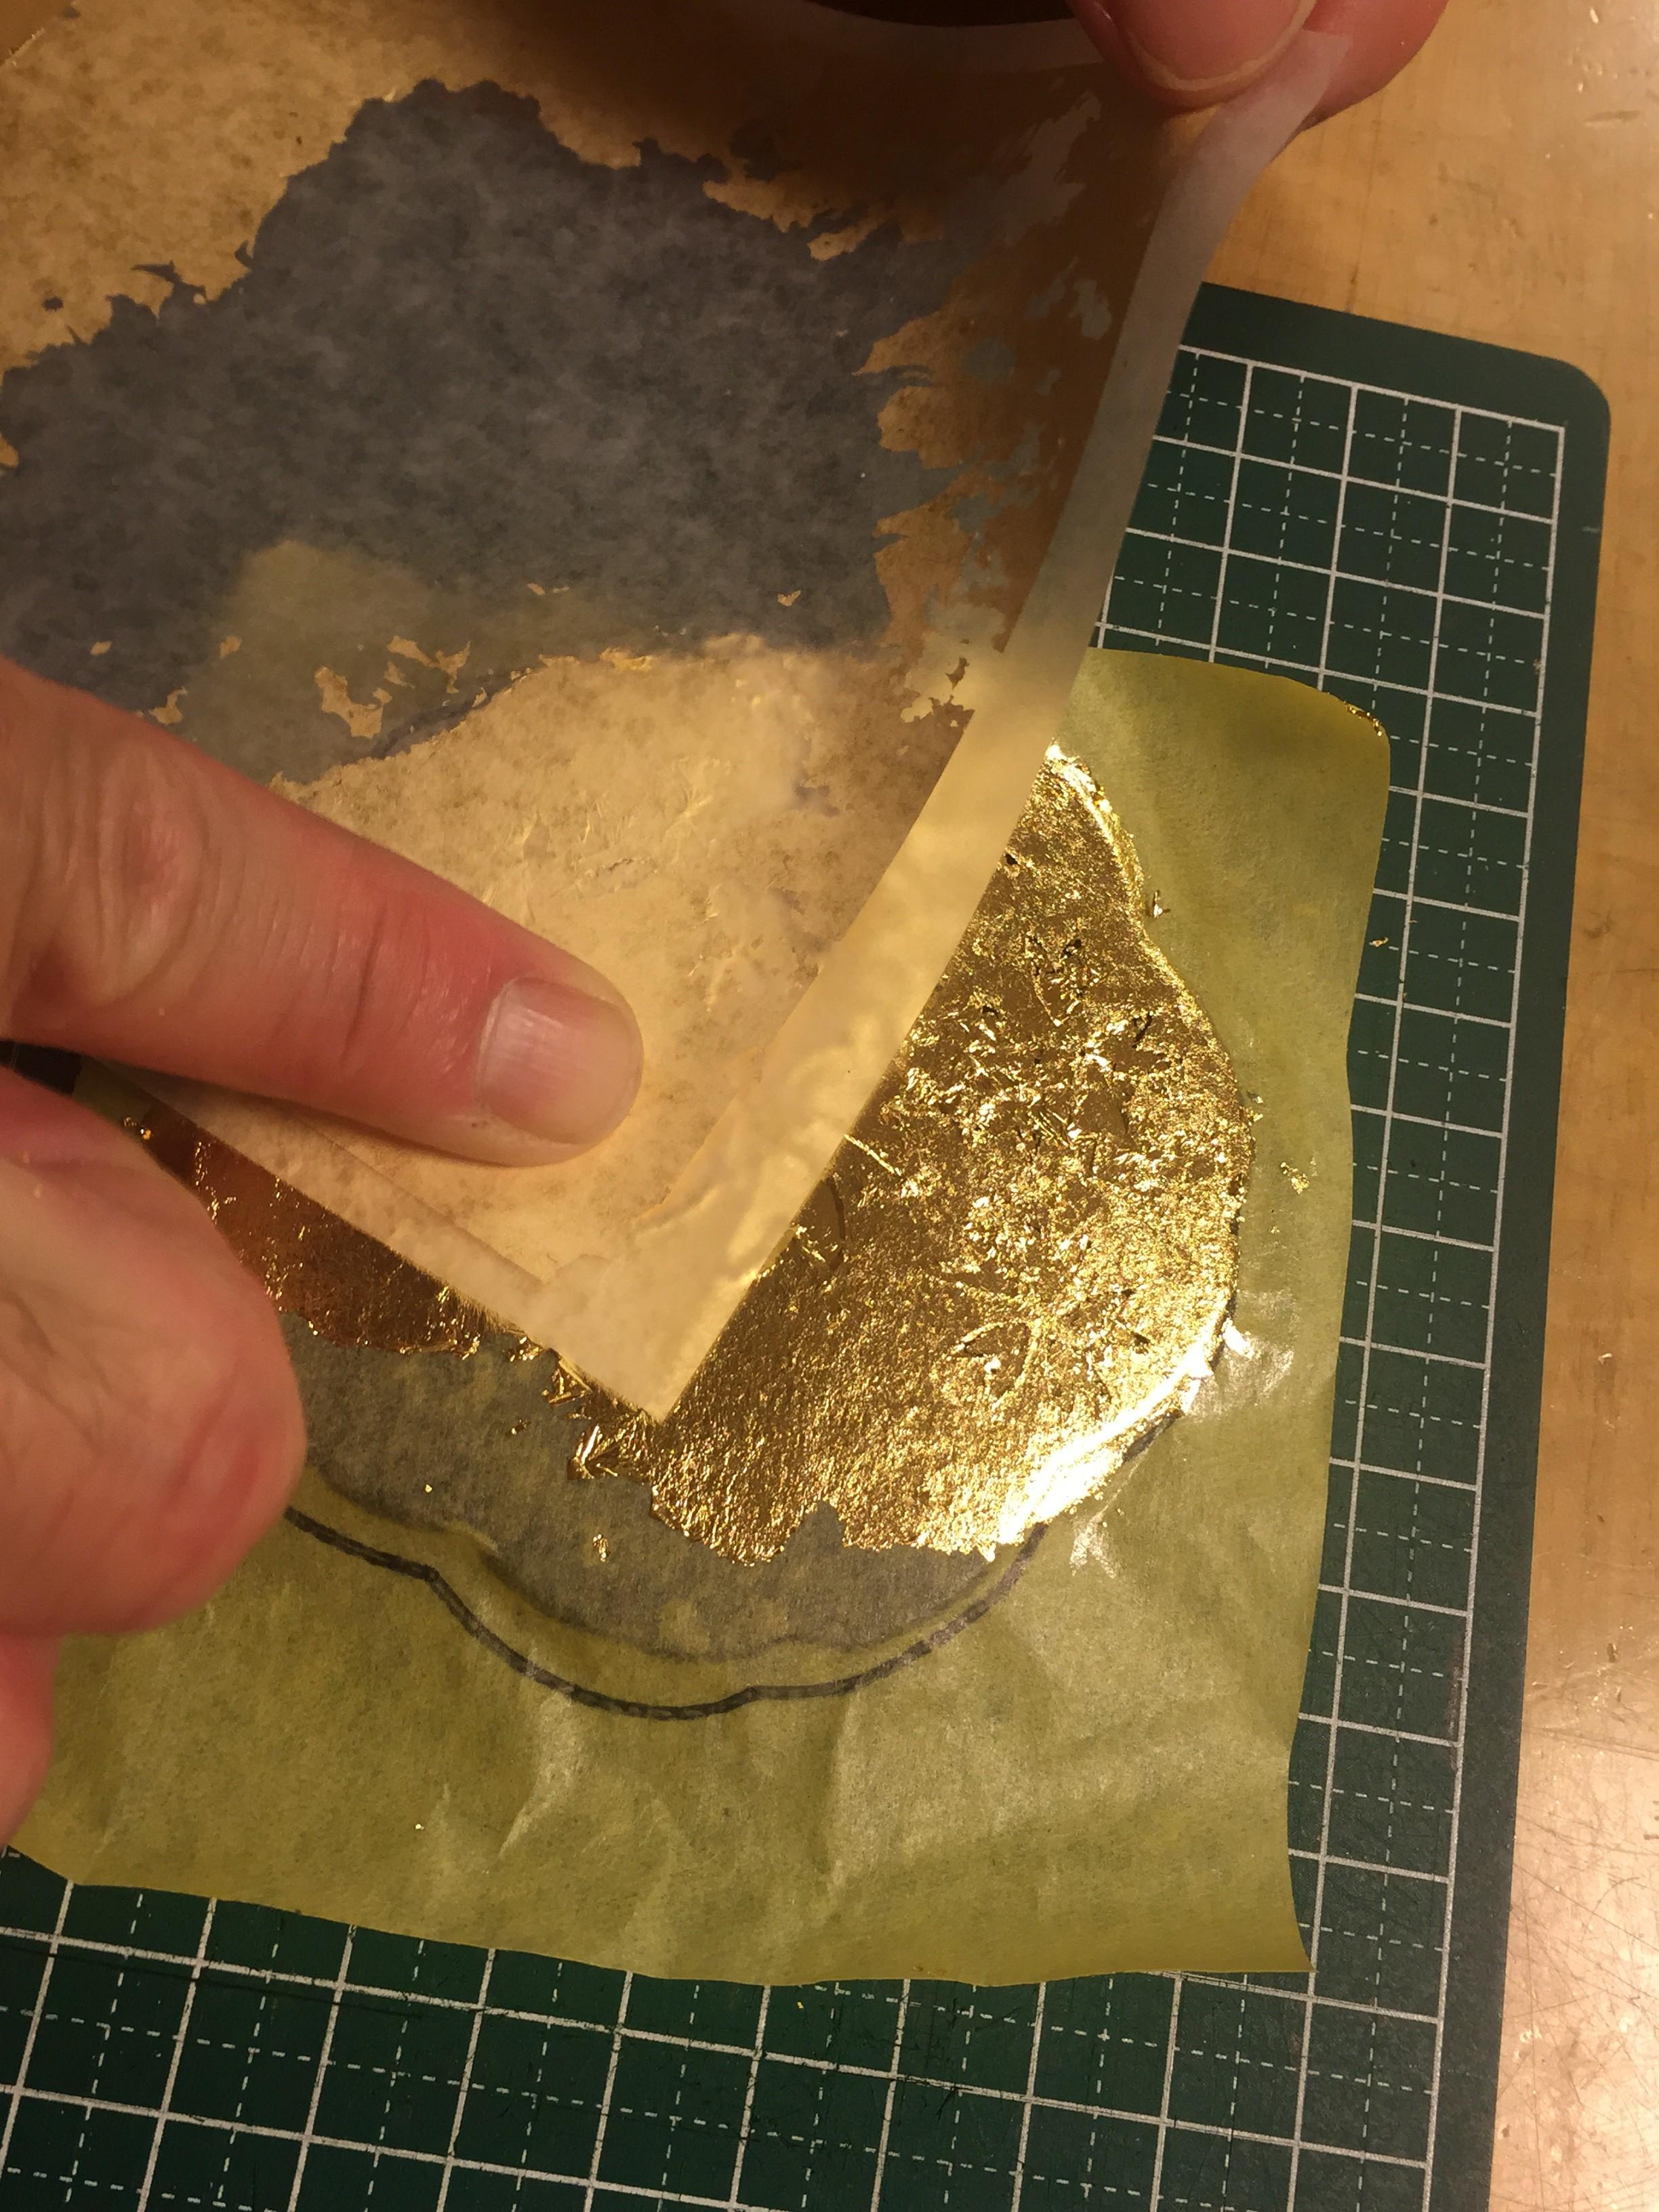 金箔のきらめきにうっとり♪金沢で金箔貼り体験してきました